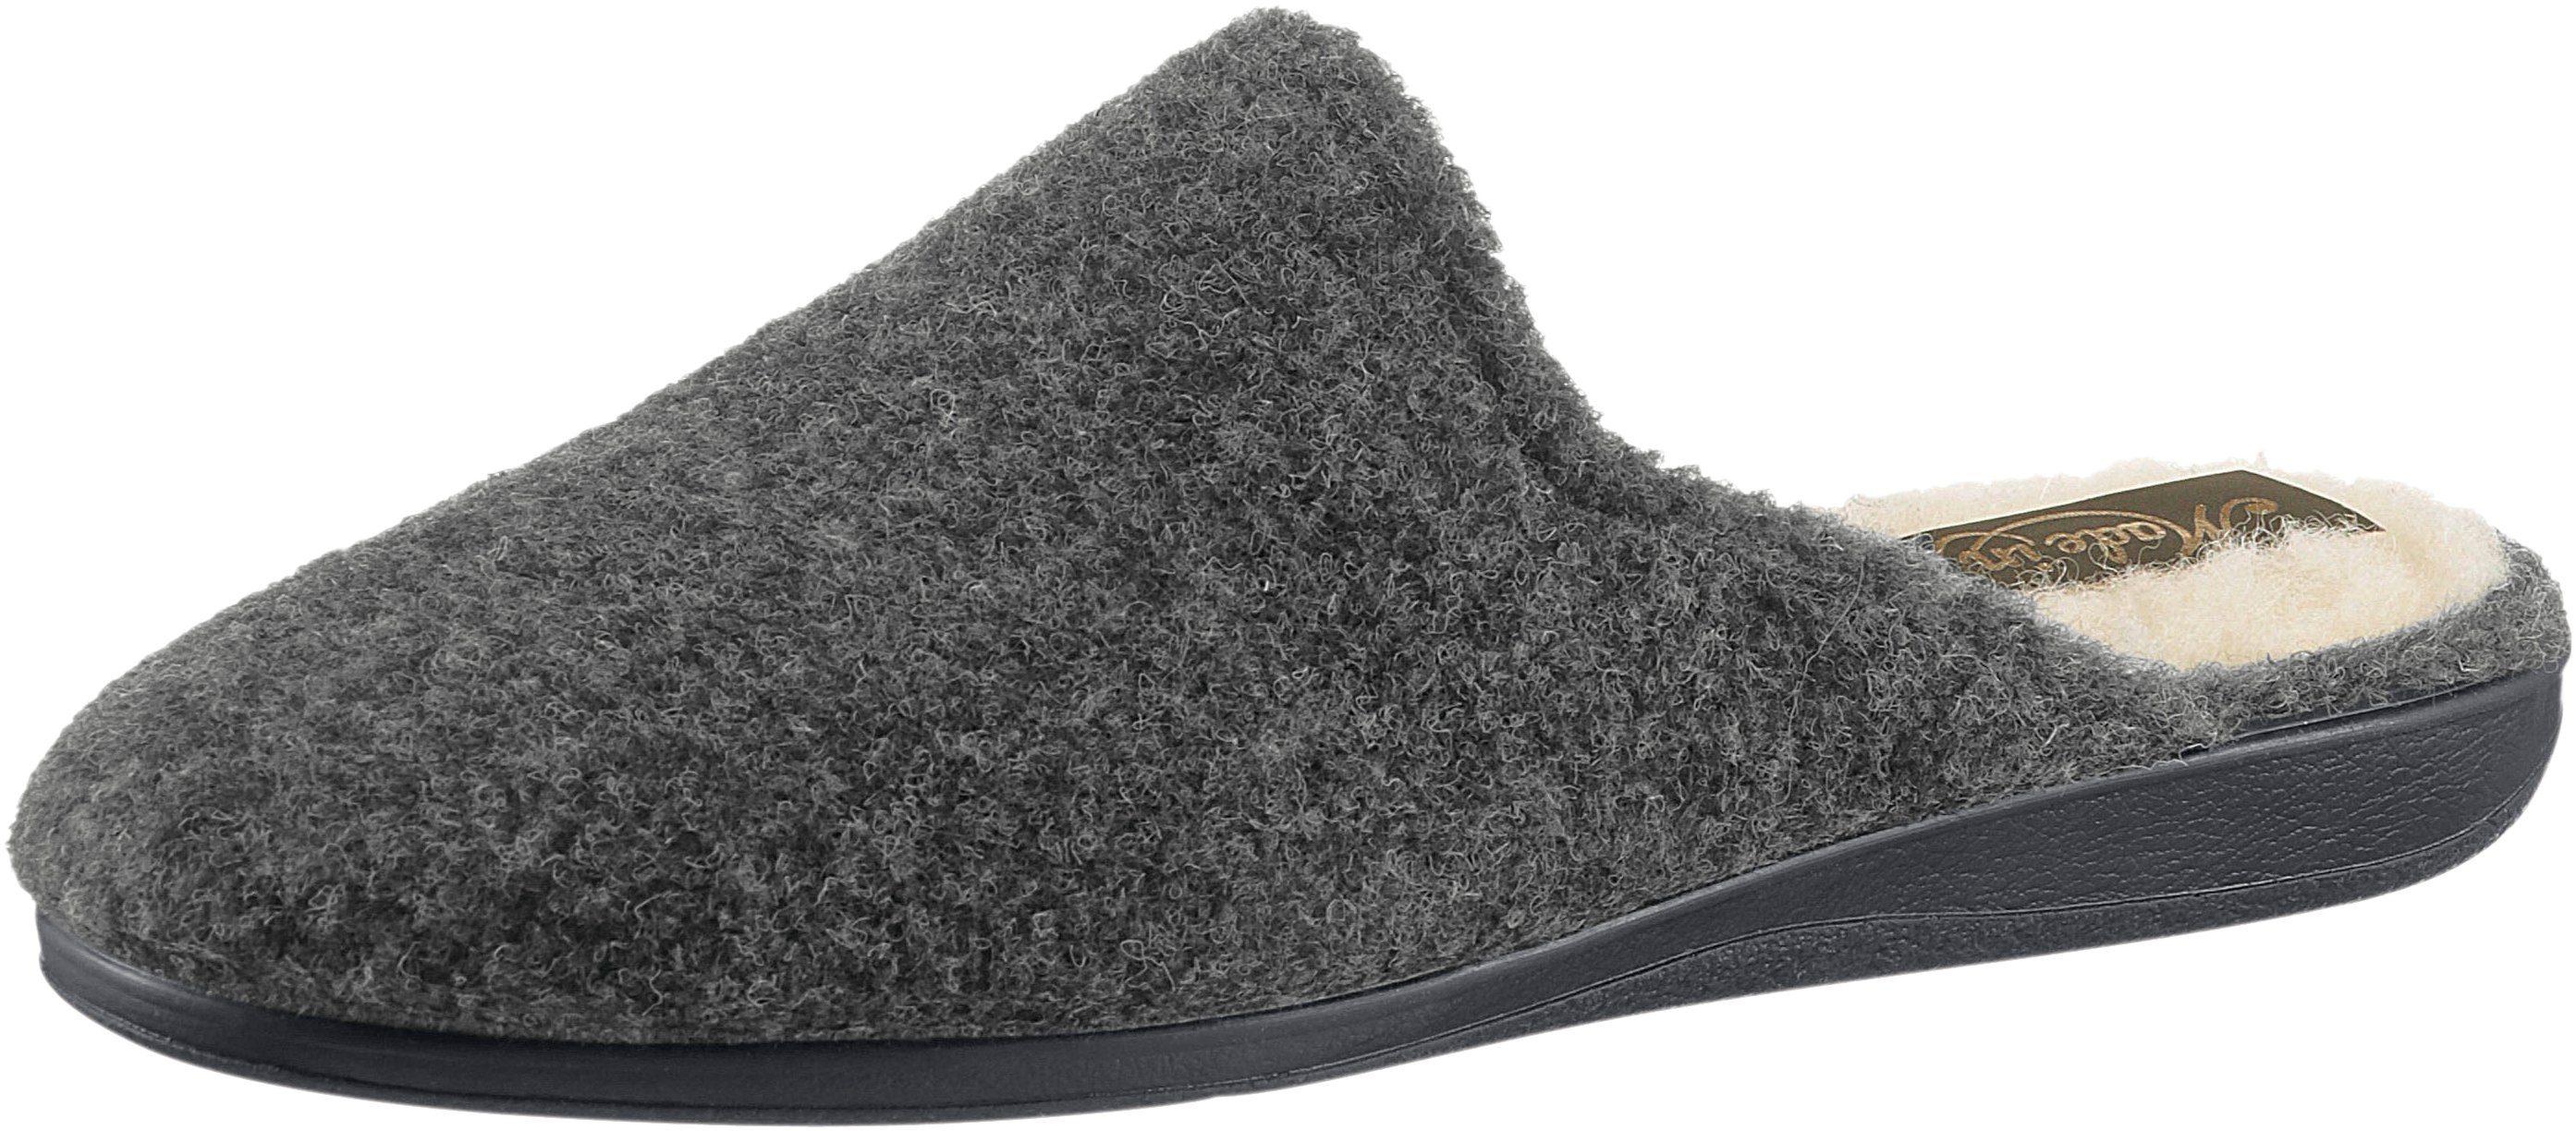 Pantoffel mit rutschhemmender Gummi-Laufsohle  grau